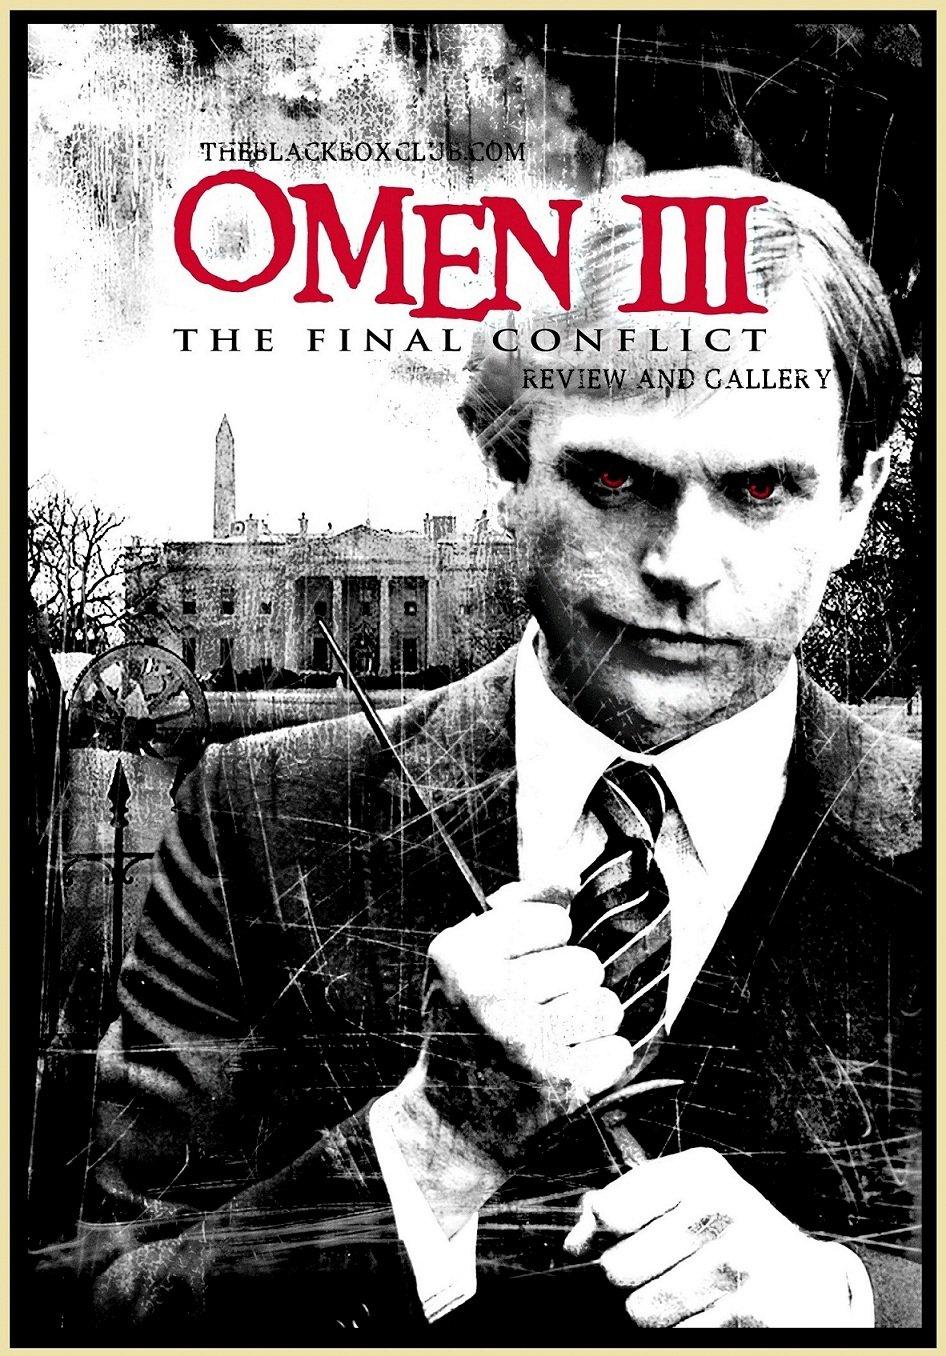 ომენი 3 / Omen III: The Final Conflict